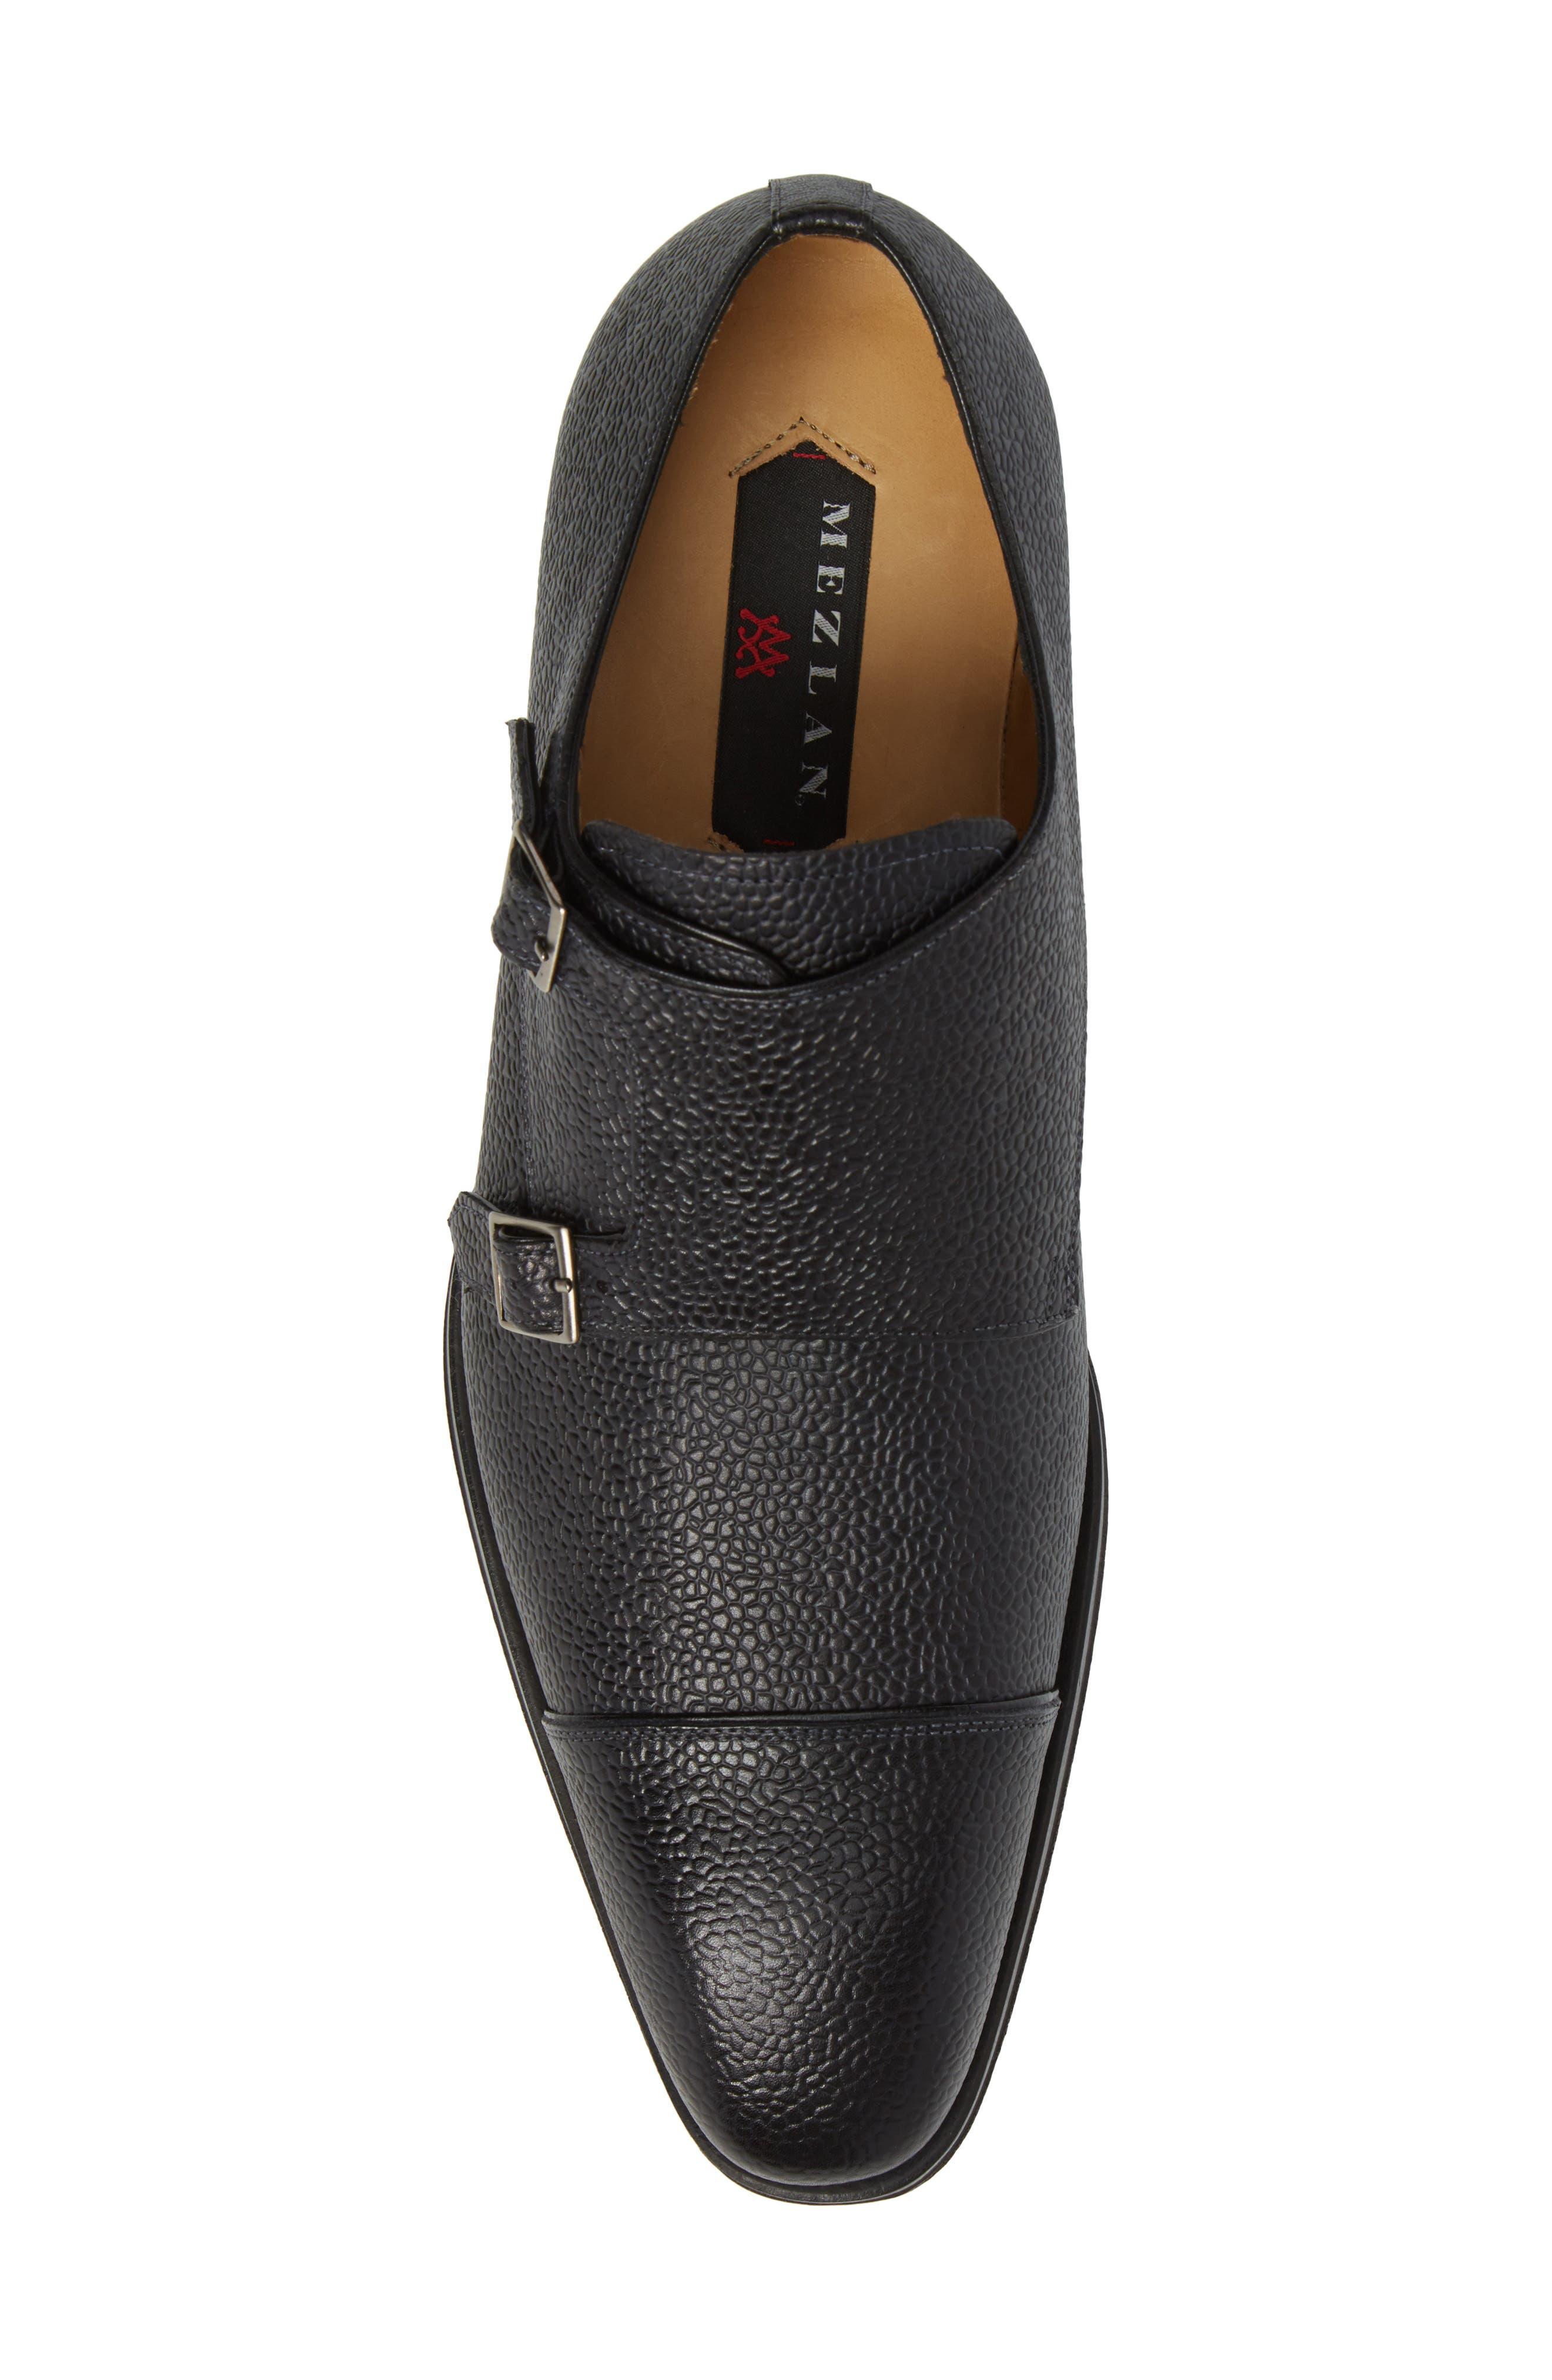 Lubrin Double Monk Strap Shoe,                             Alternate thumbnail 5, color,                             BLACK LEATHER